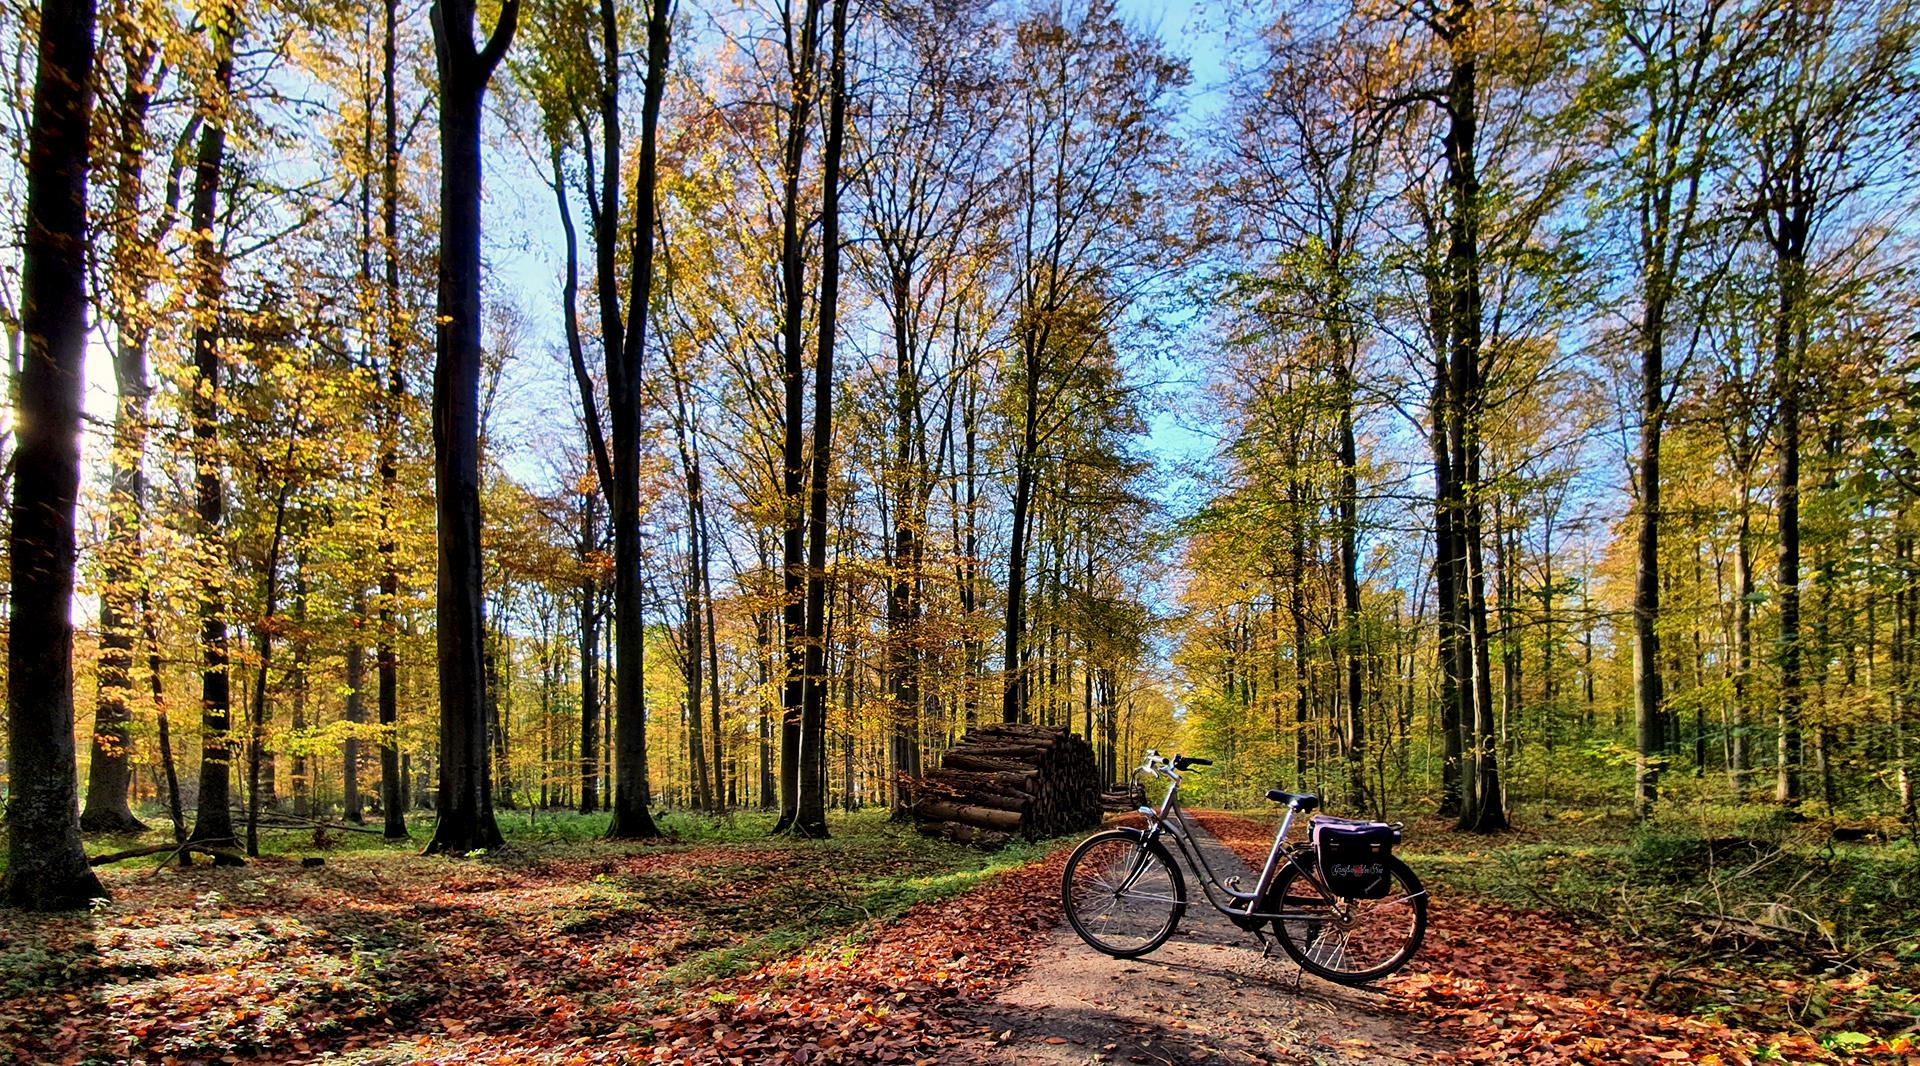 Herrliches Herbstwetter im Elisenhain